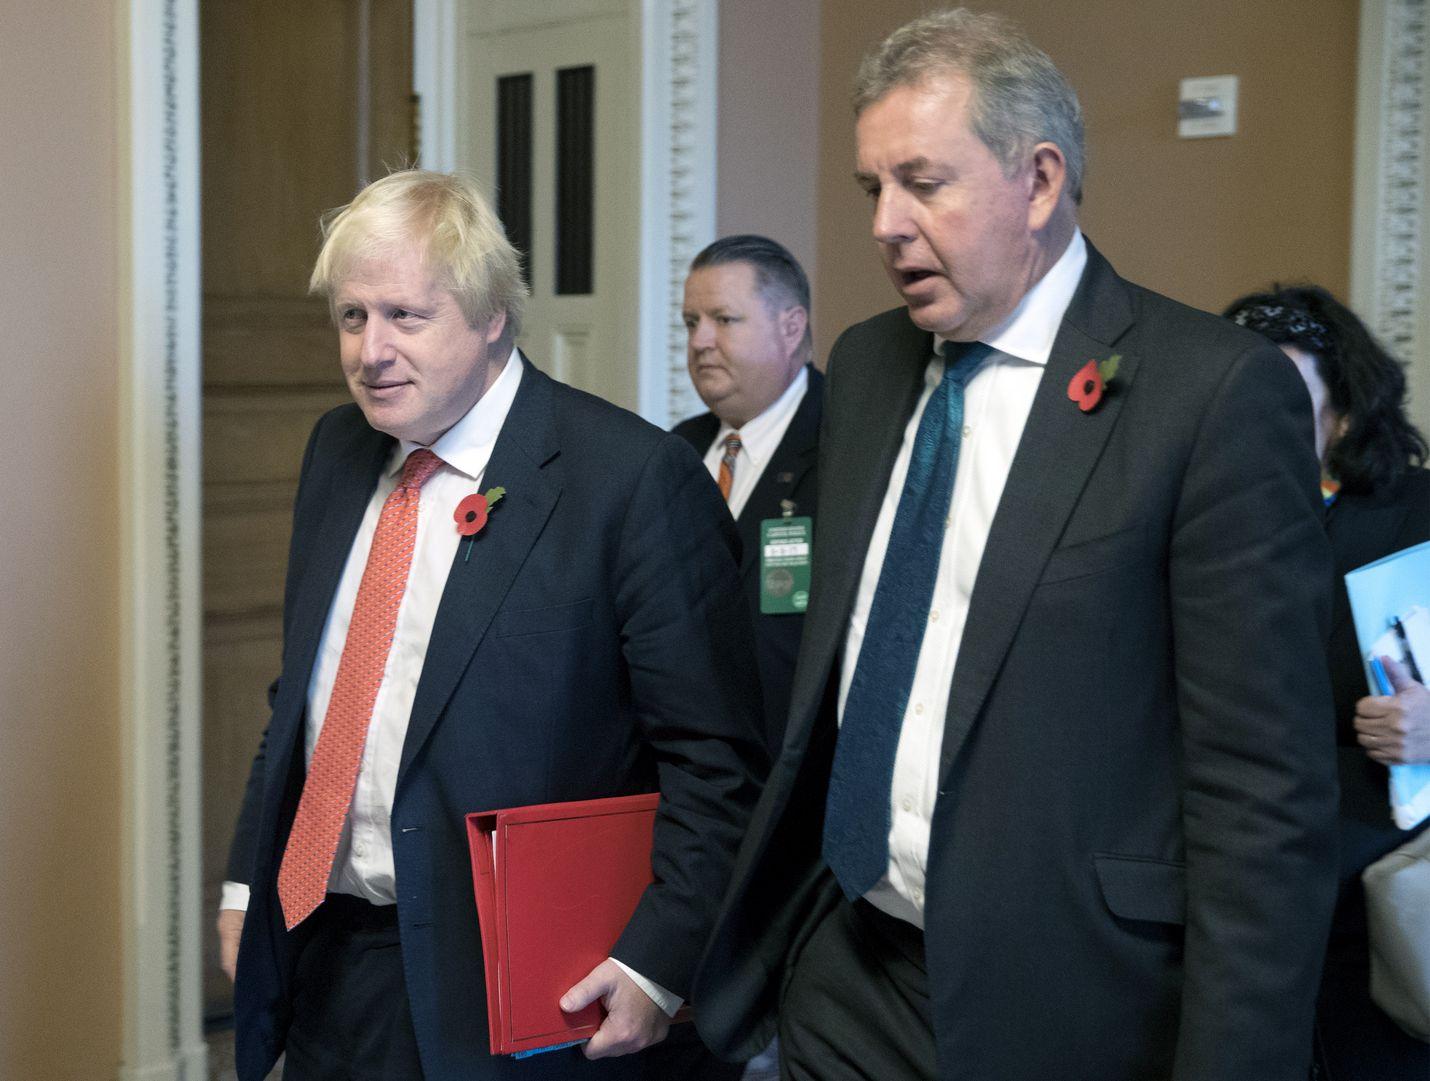 Boris Johnson ja entinen brittisuurlähettiläs Kim Darroch tapaamisessa Washingtonissa. Muun muassa BBC uutisoi, että Darroch olisi kirjoittanut vuodetun dokumentin sen jälkeen, kun silloinen Britannian ulkoministeri Boris Johnson vieraili Yhdysvalloissa vedotakseen Trumpin jäävän Iranin ydinsopimukseen.